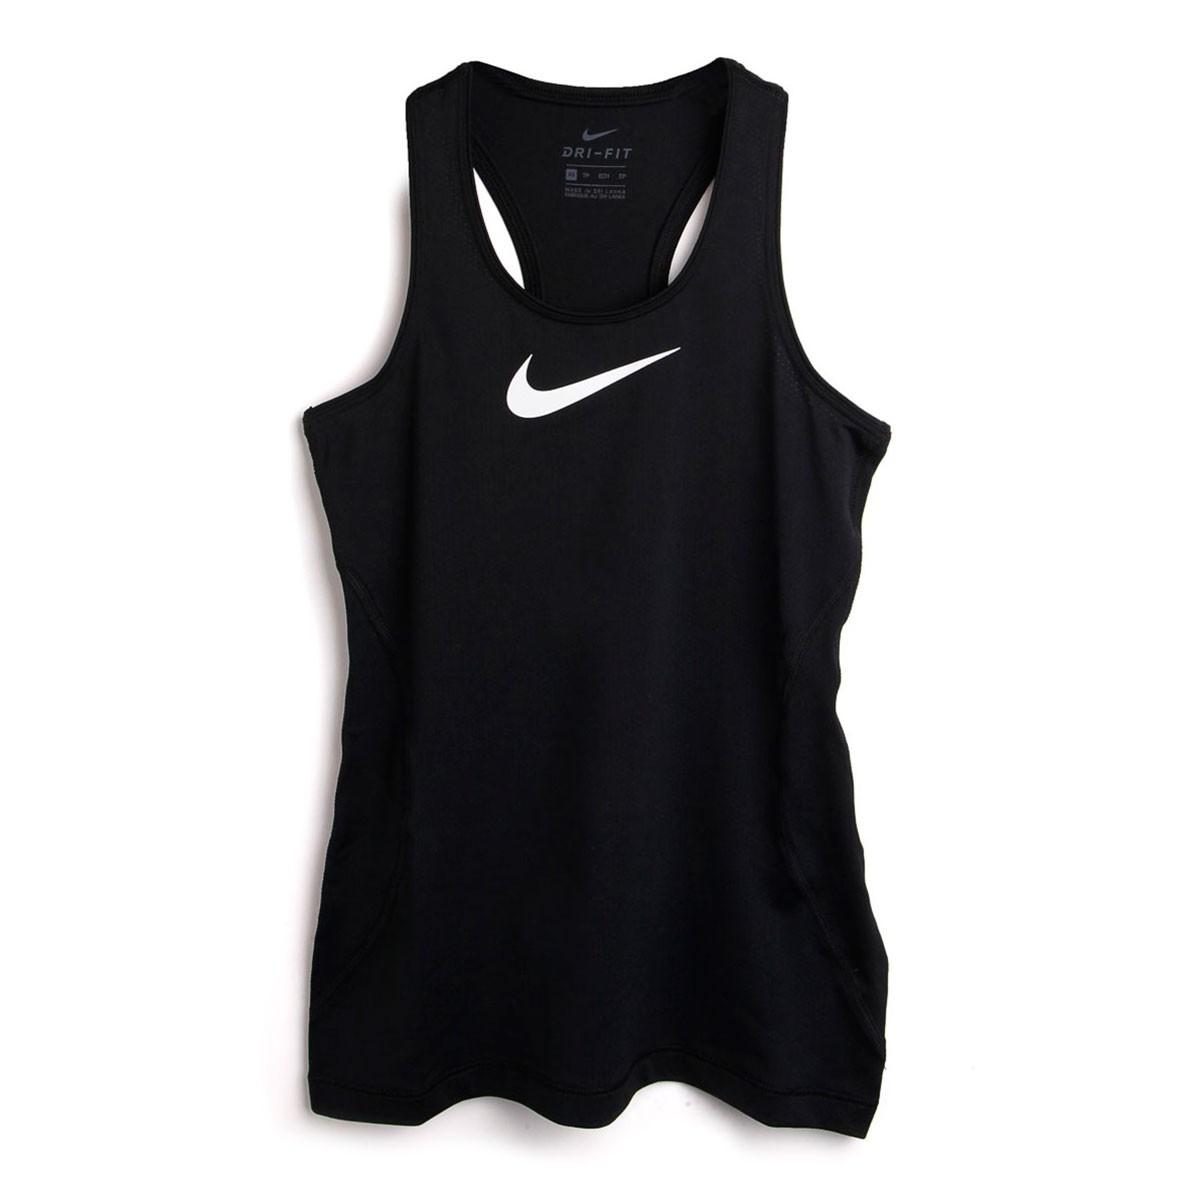 Camise Nike Sem Manga Tight Fit Feminino Infantil - Preta